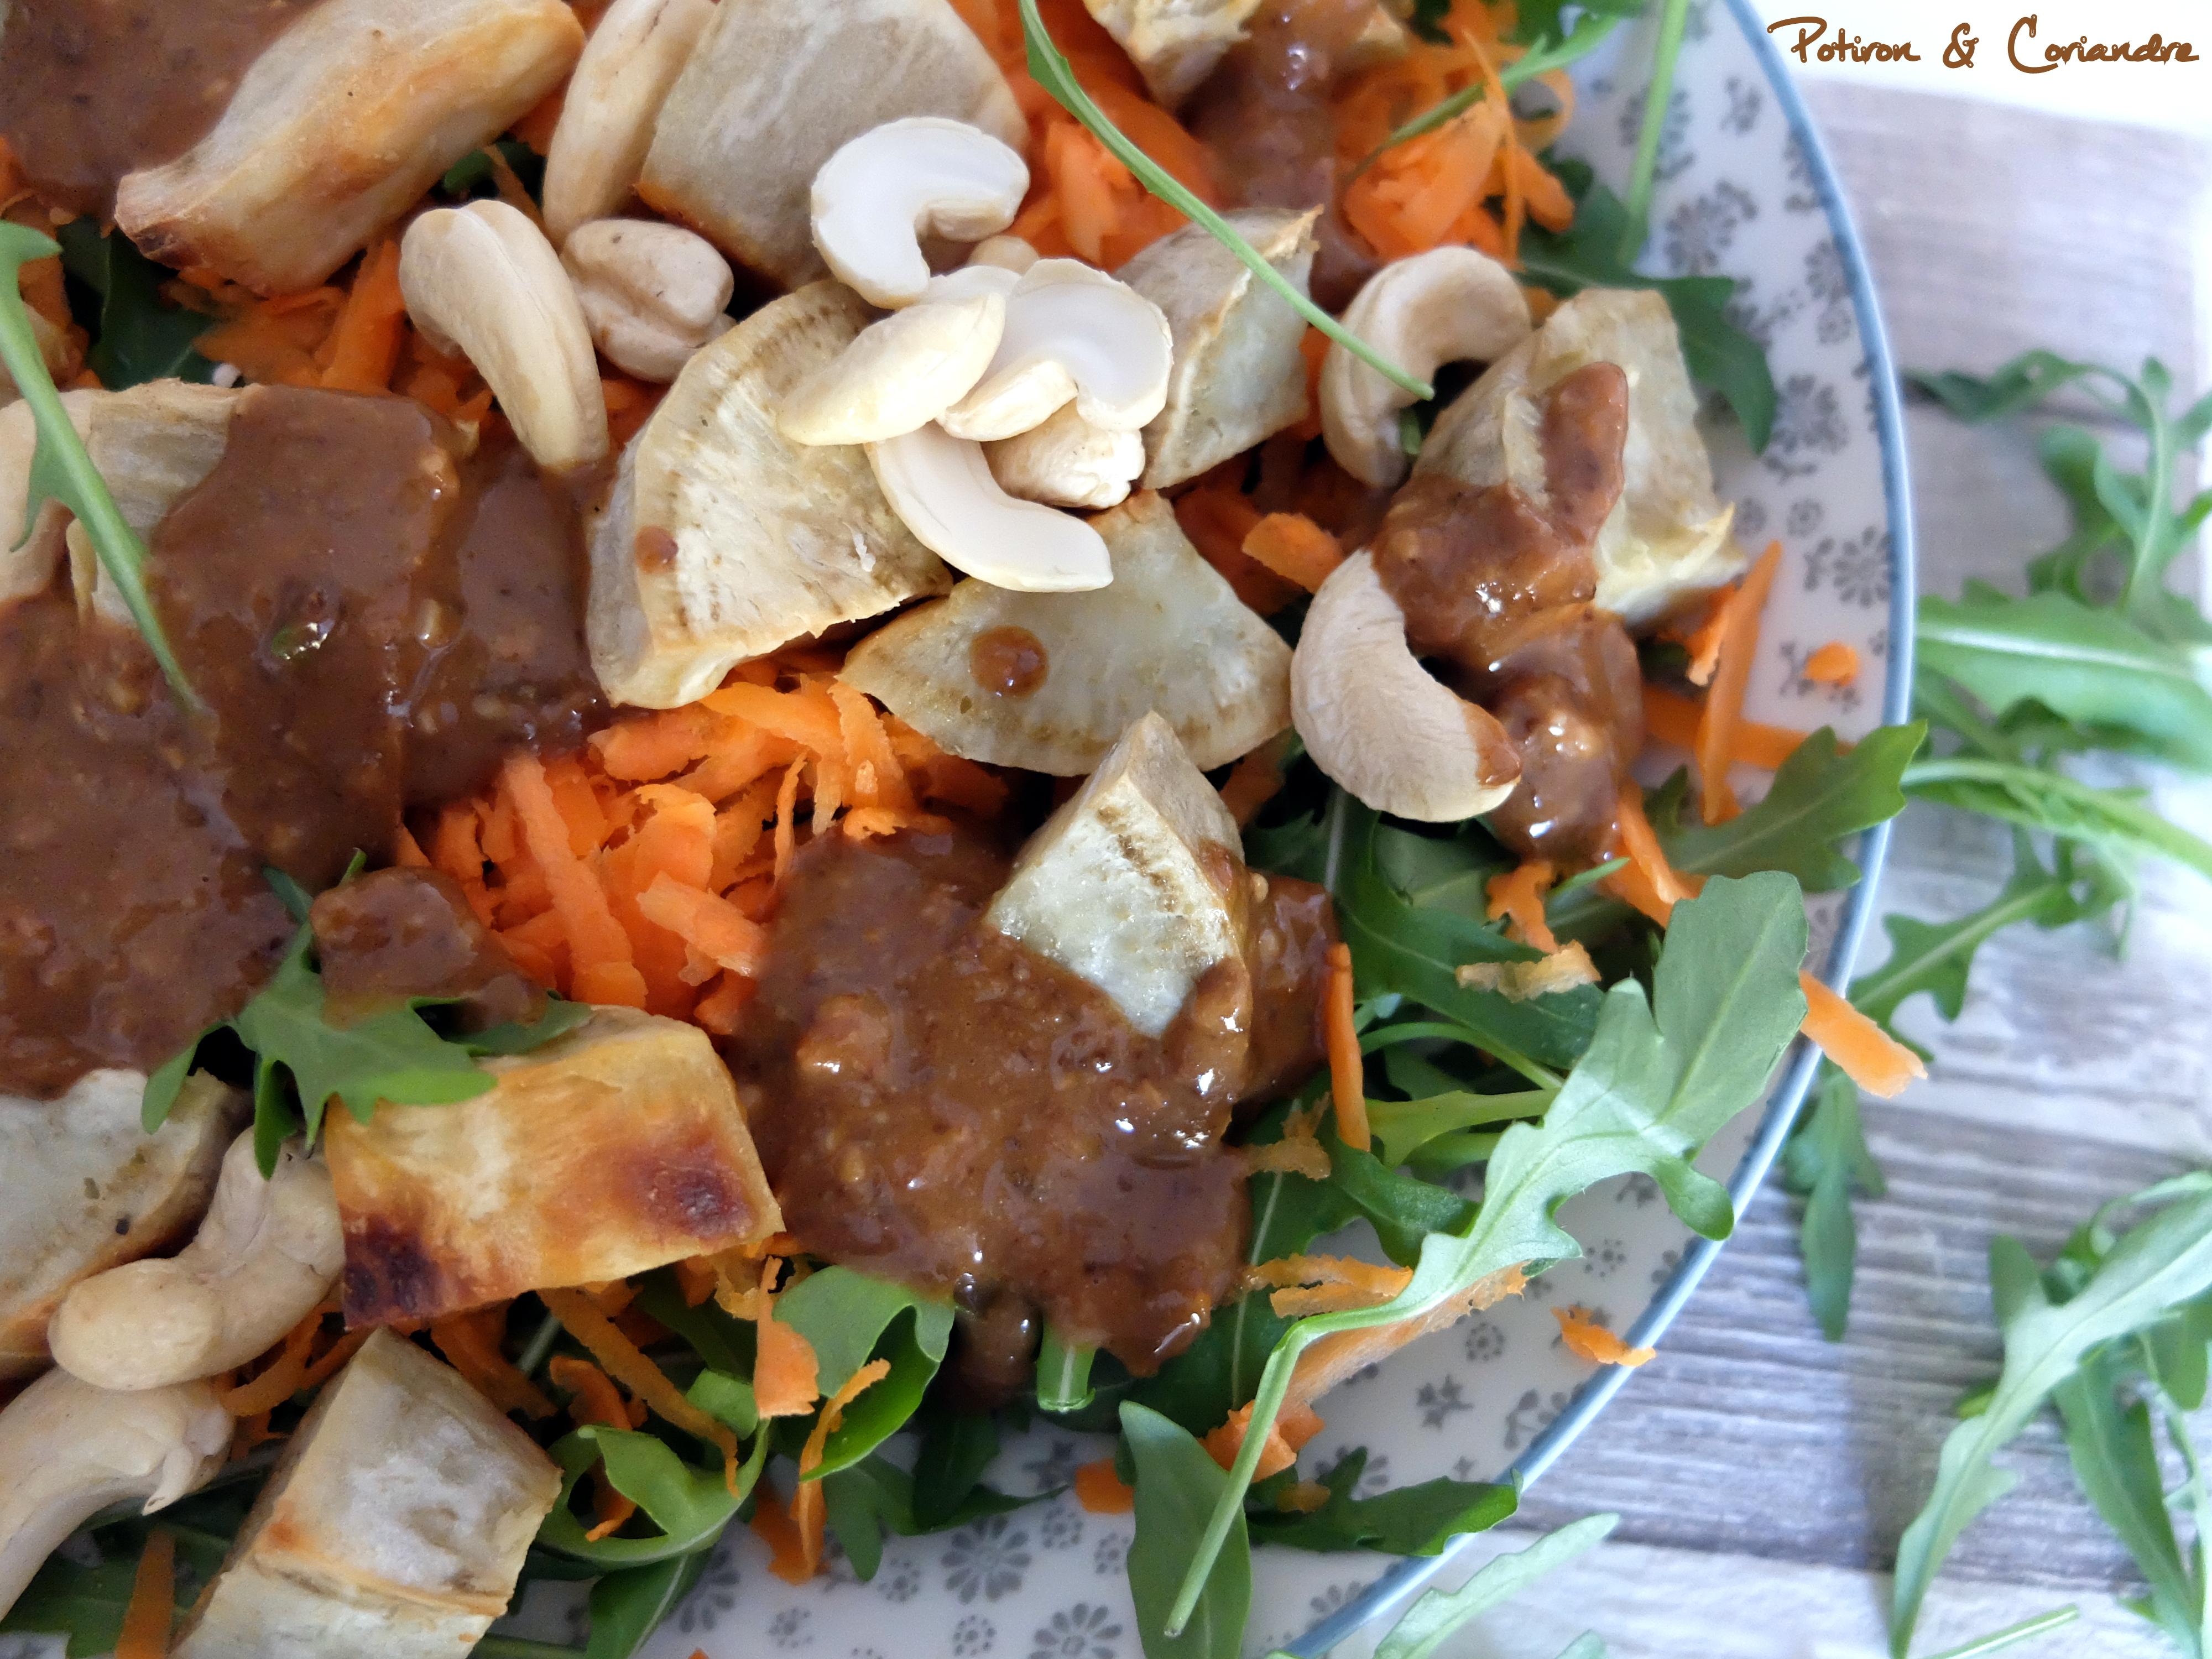 Salade de patate douce - Quand recolter les patates douces ...